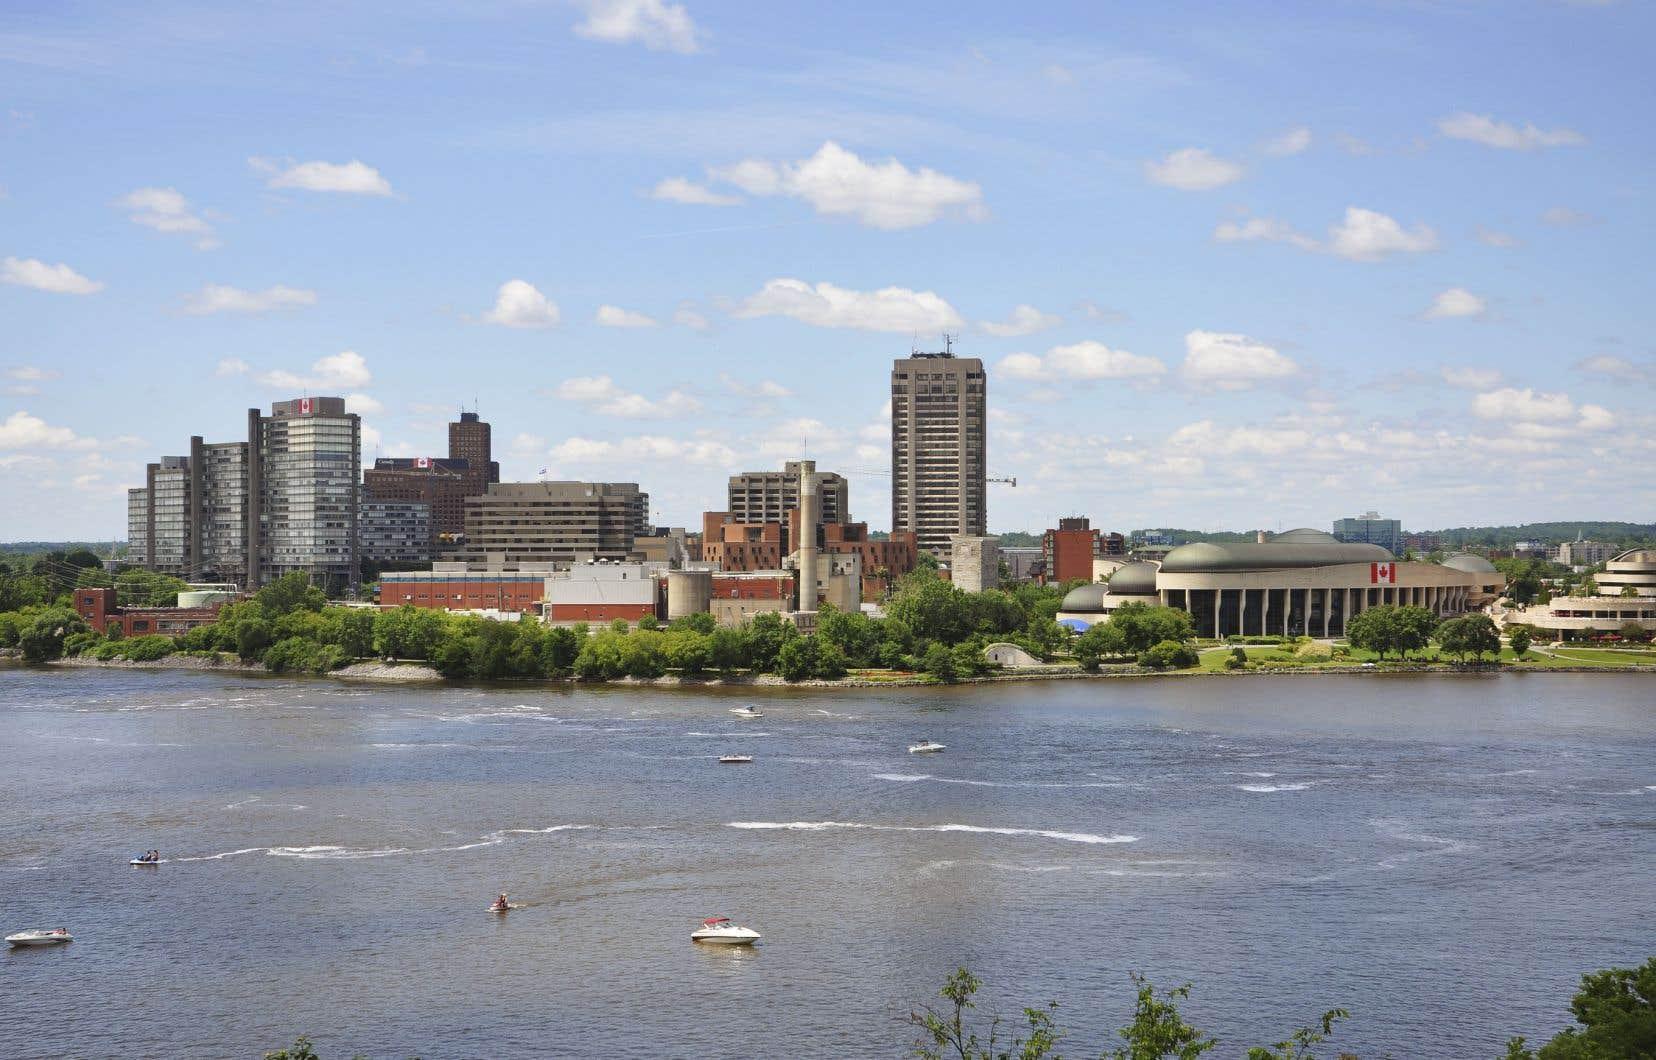 La position géographique de l'Outaouais le place dans un contexte peu étudié et unique au Québec, qui a des répercussions certaines sur son développement.